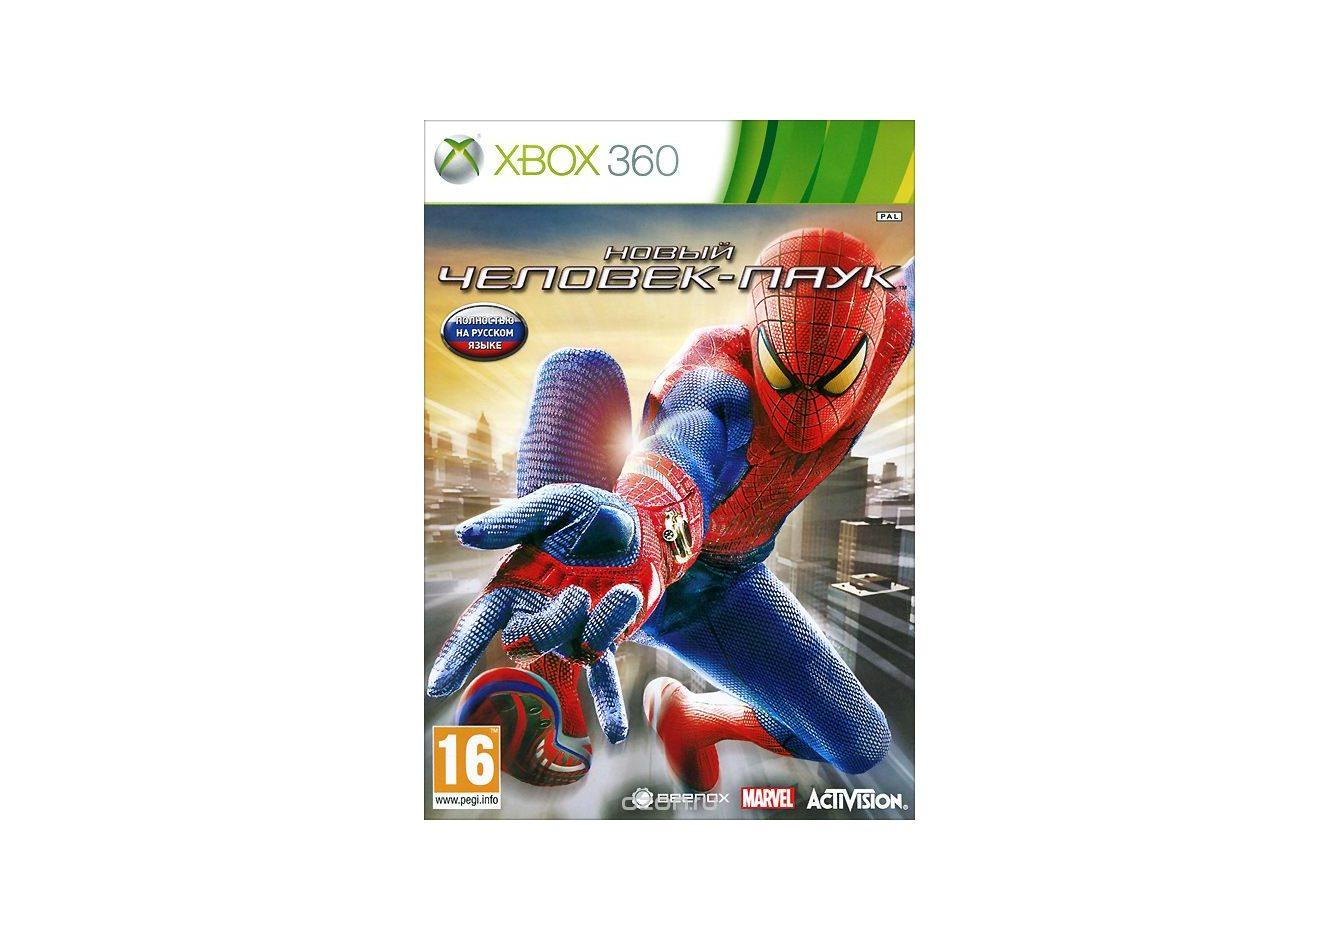 Xbox 360 The Amazing Spider-Man (Новый Человек-паук) Xbox 360